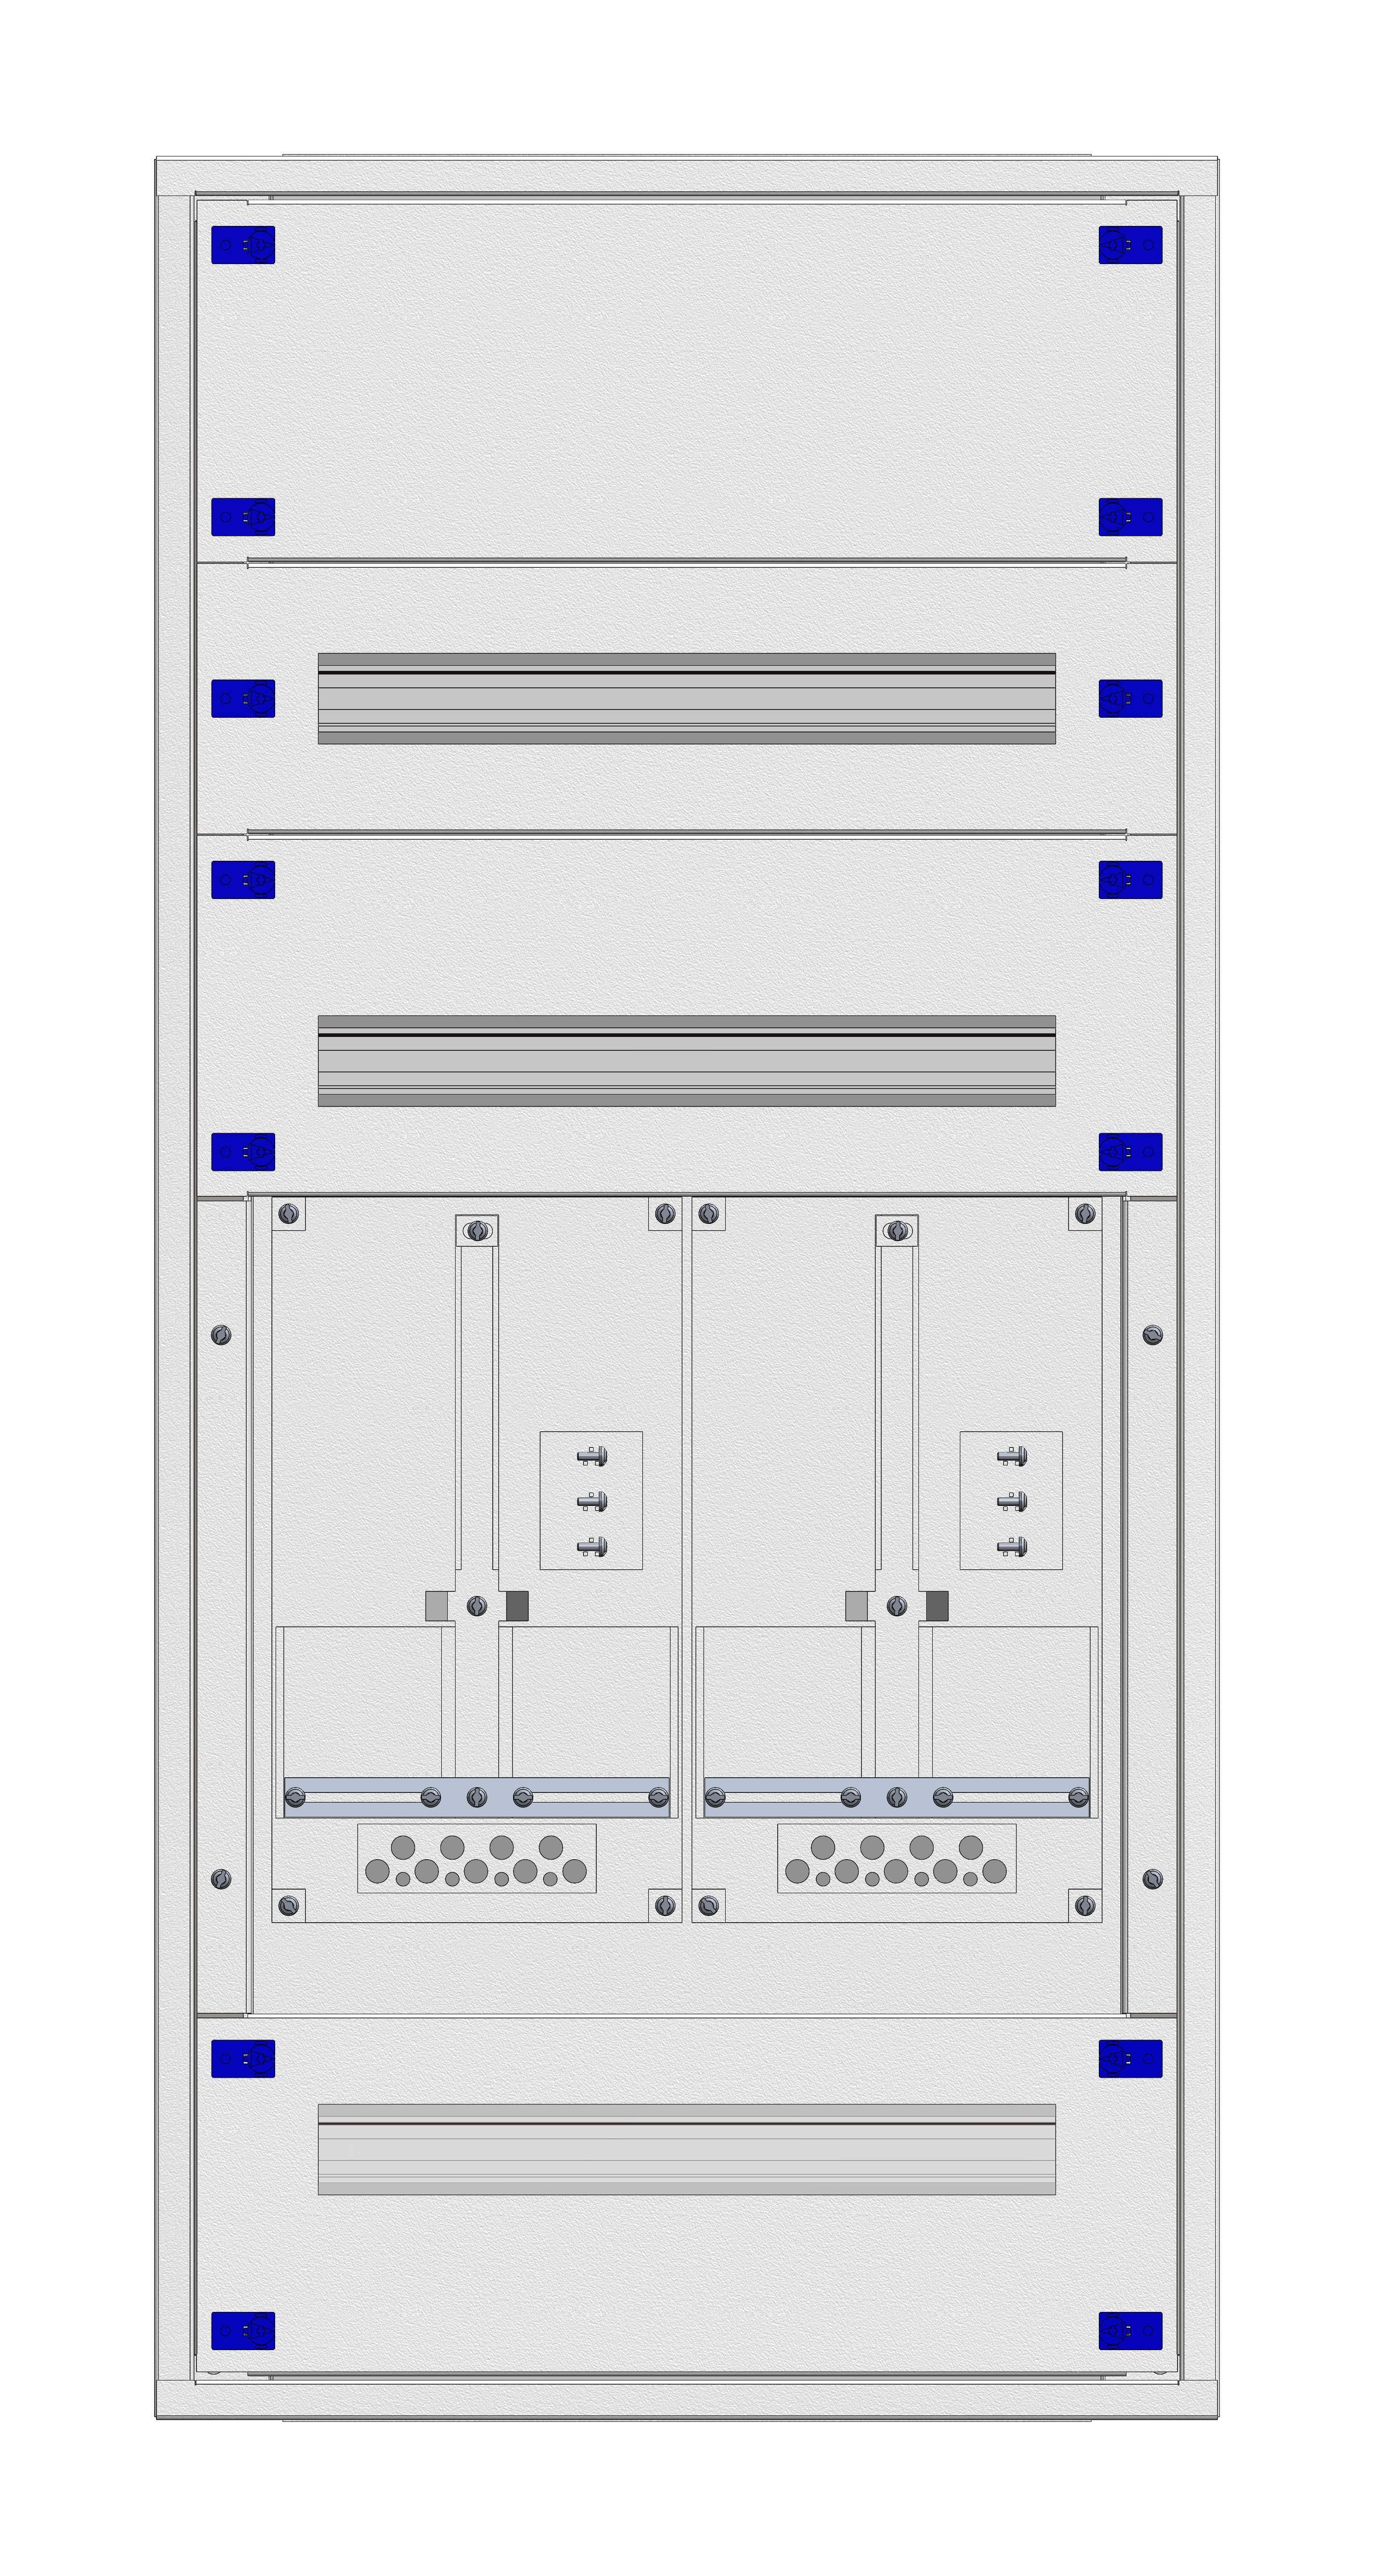 1 Stk ZV Einsatz 2-24E kompl. 2 Zählerpl. Frontbl. Stahlbl. VLBG IL415224--